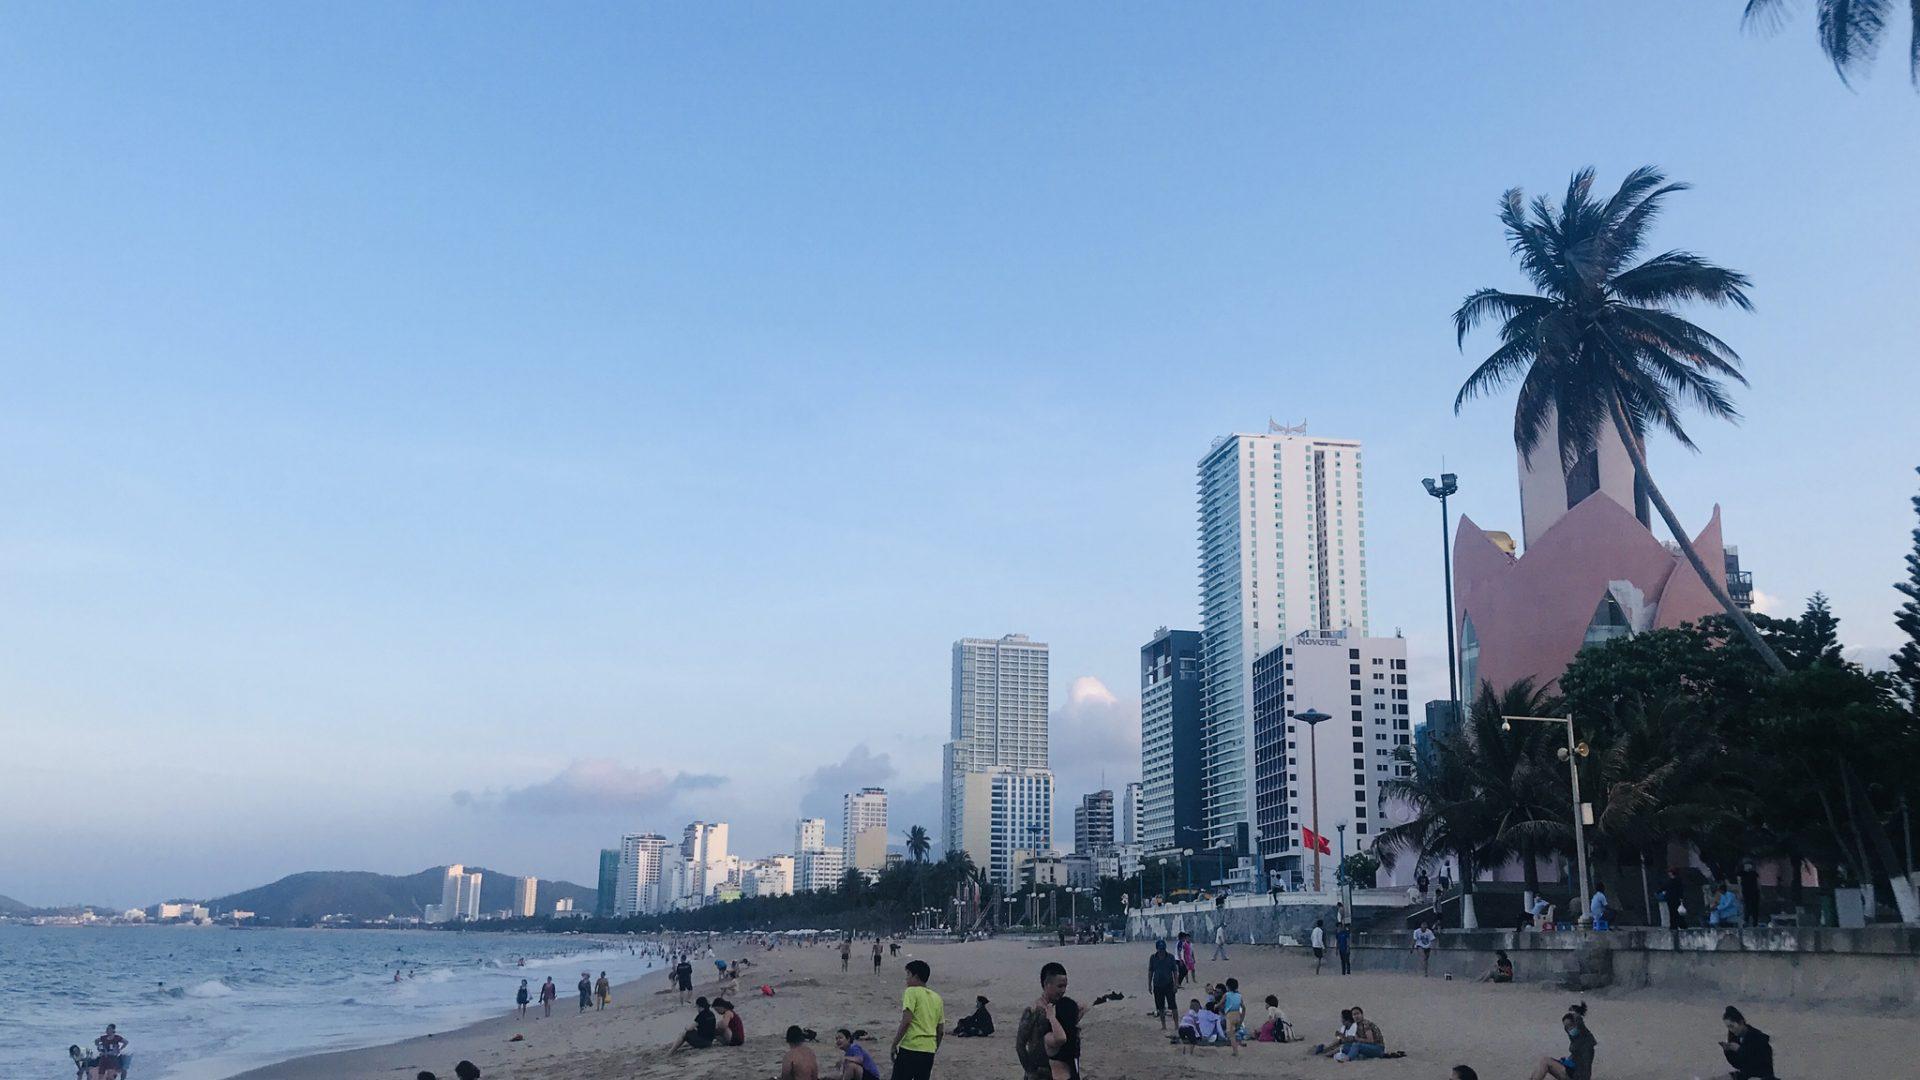 Bãi biển Nha Trang chiều 28.4  /// Ảnh: Phan Lê